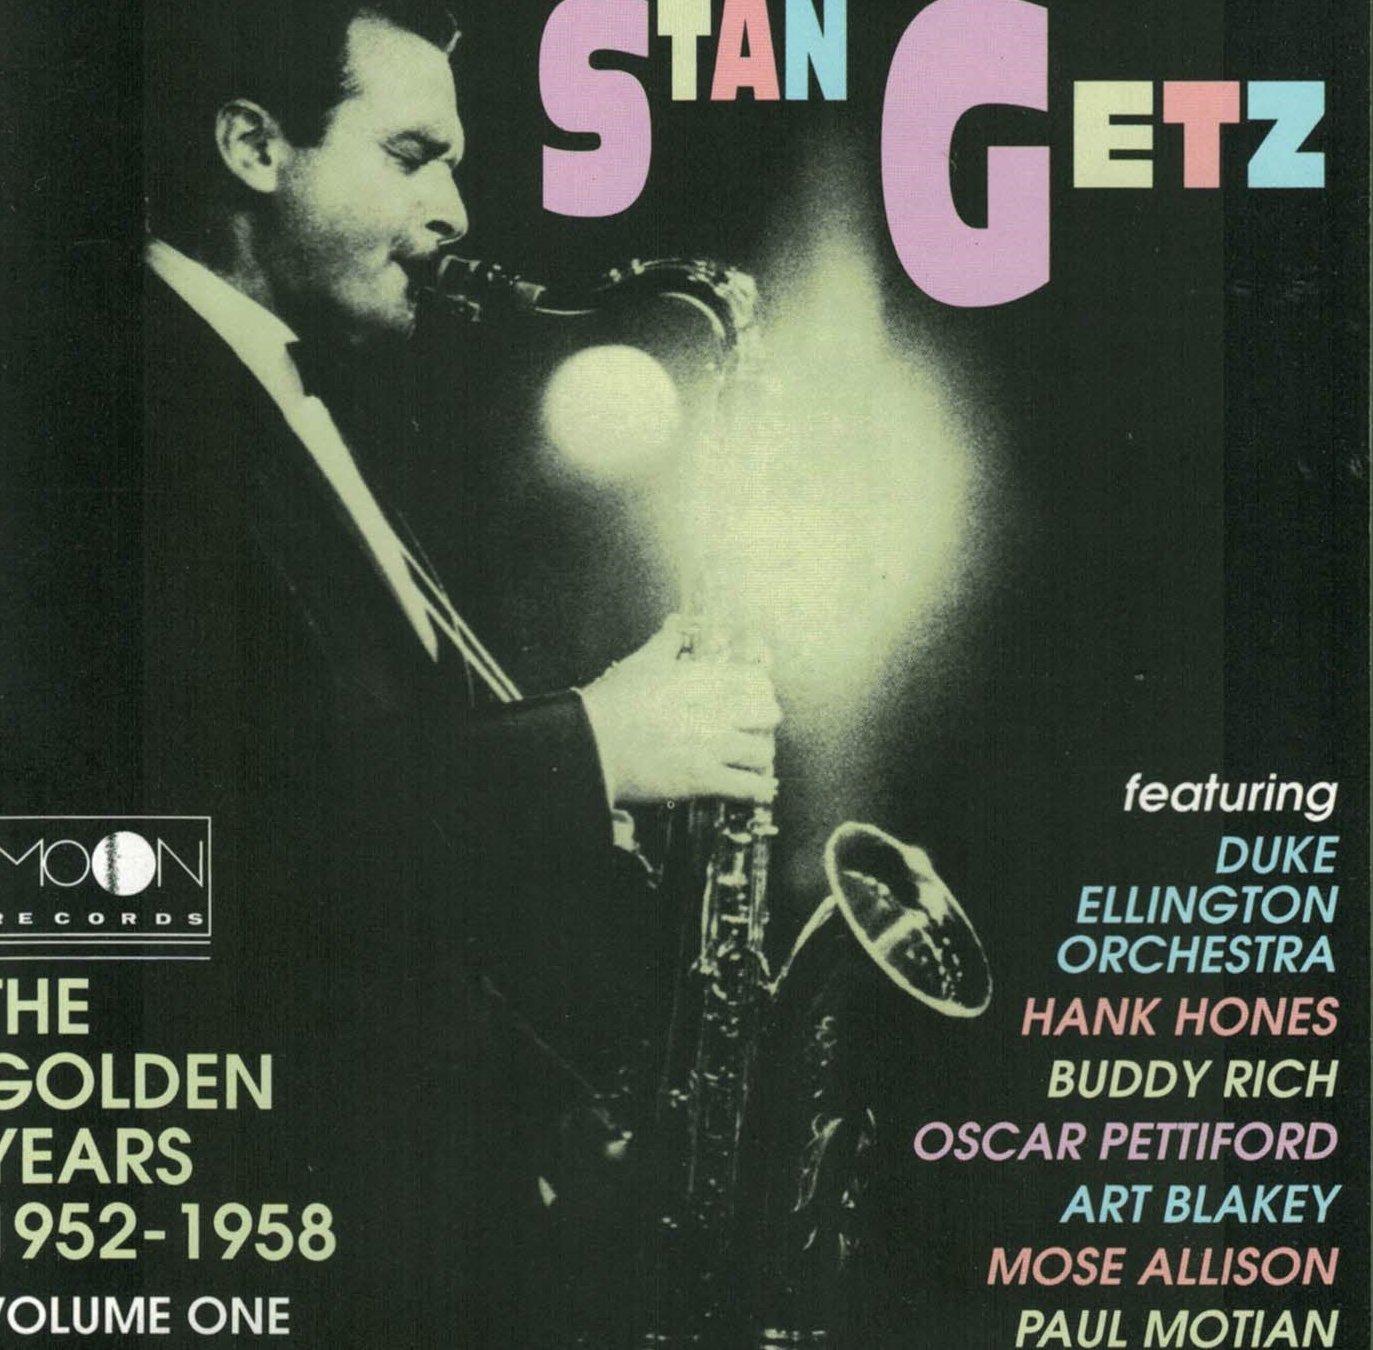 free Vol. 1-Golden overseas 1952-58 Years